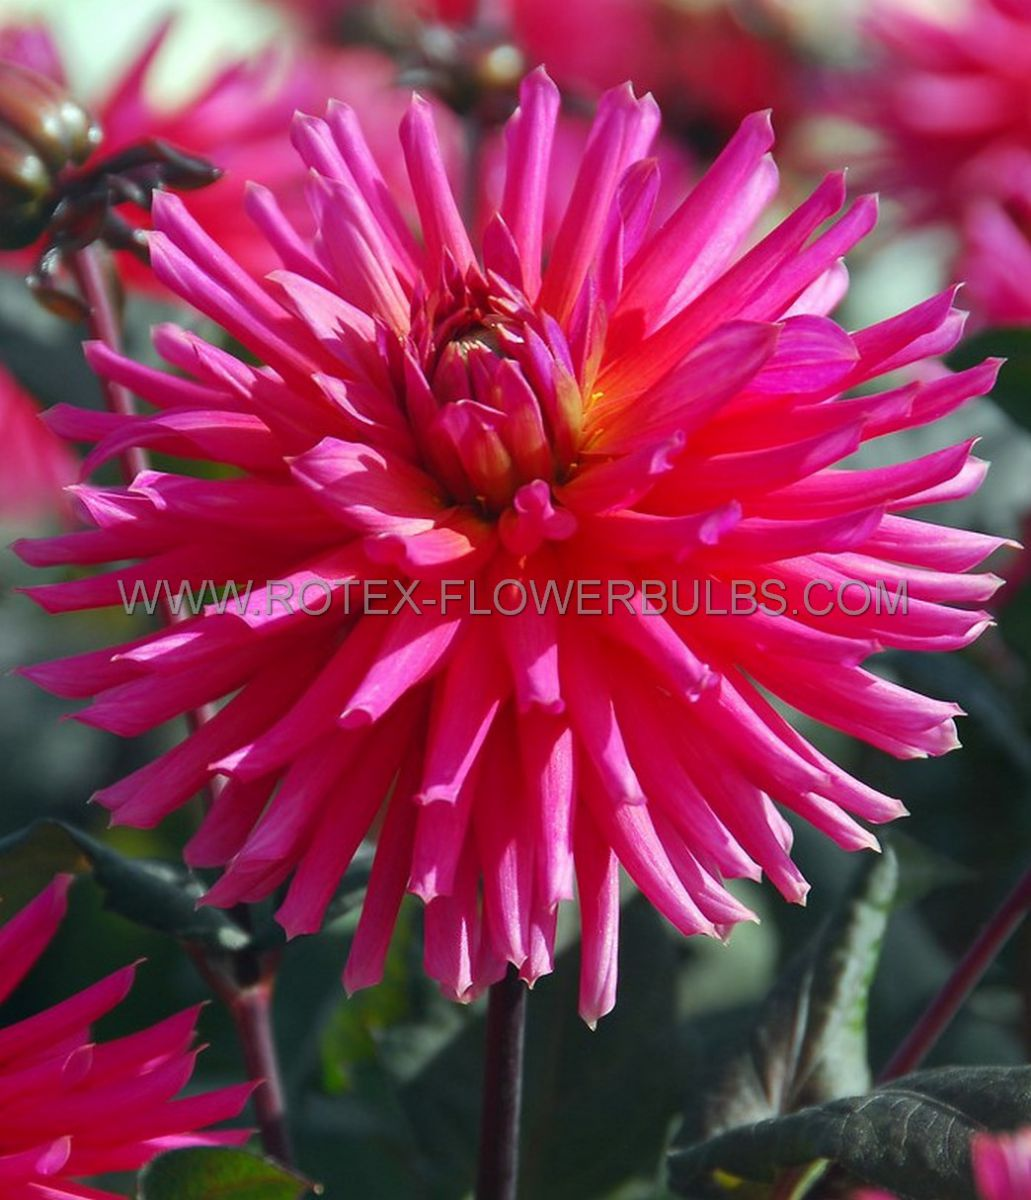 dahlia cactussemicactus radiance i 10 pkgsx 1